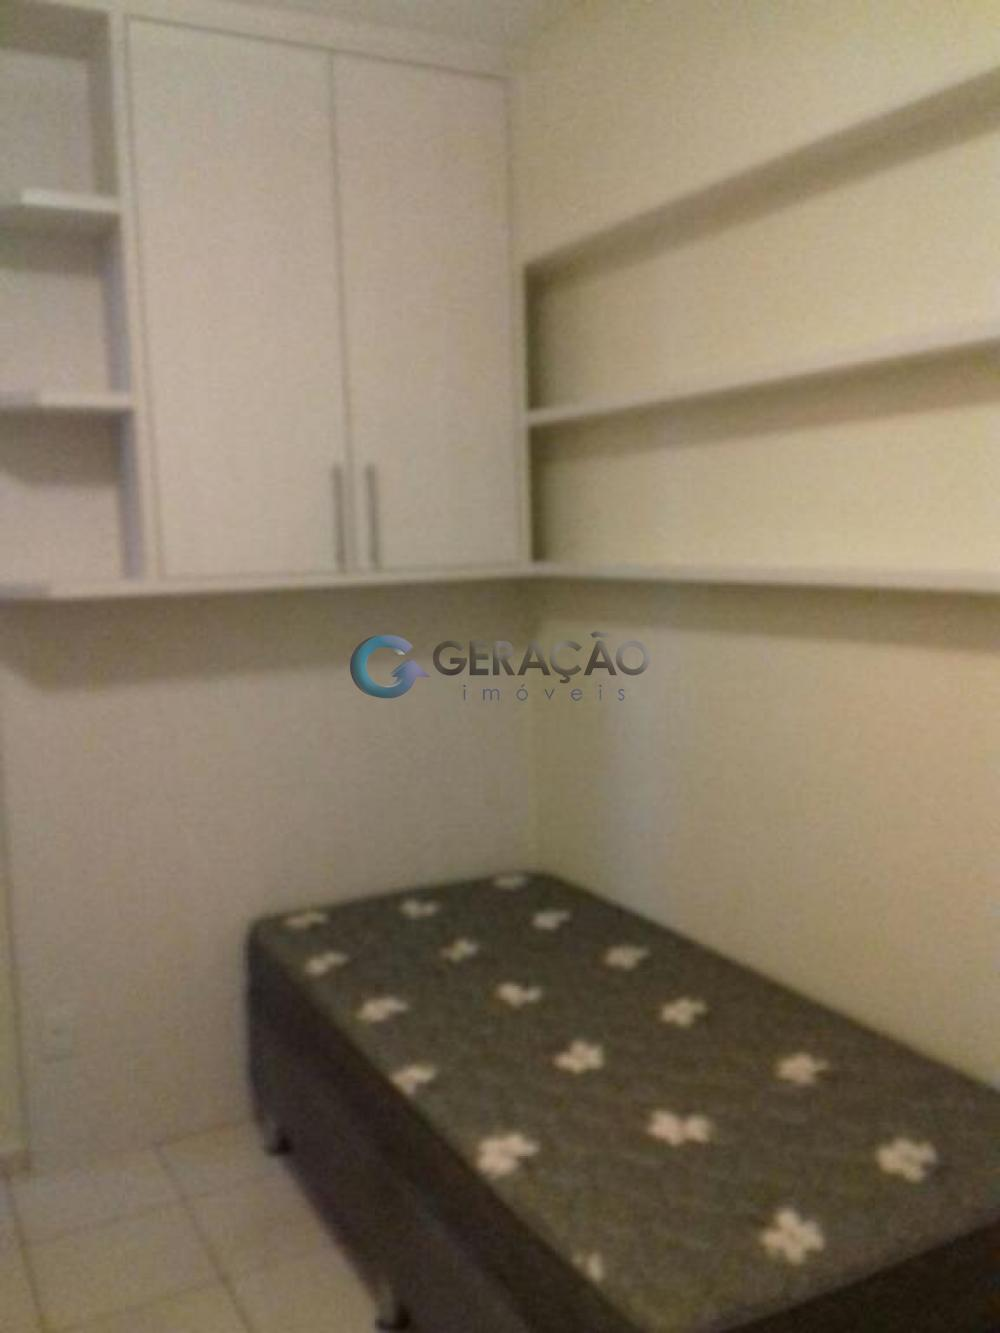 Alugar Apartamento / Padrão em São José dos Campos R$ 1.600,00 - Foto 5